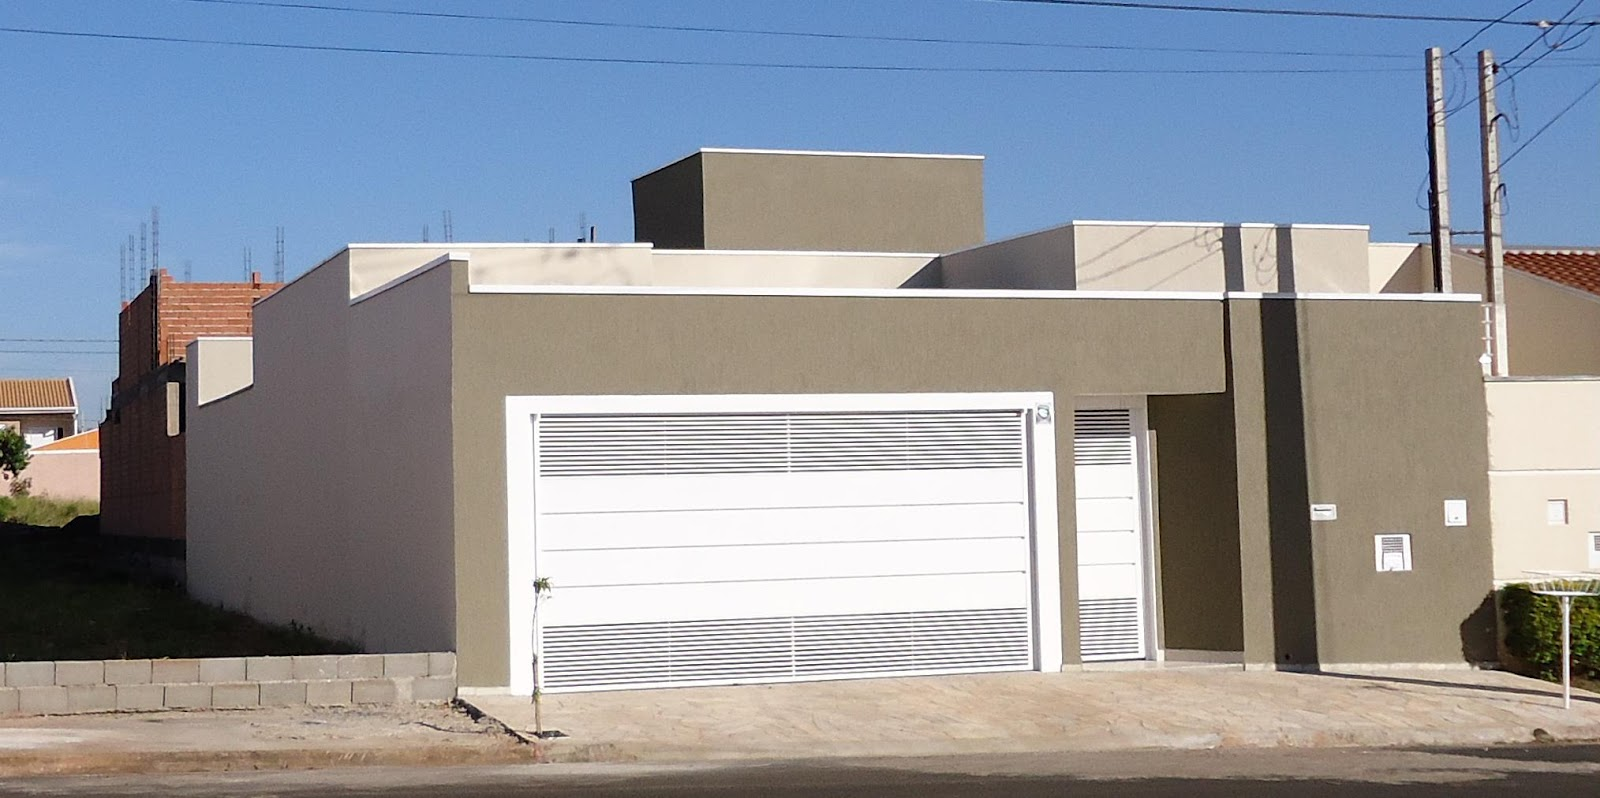 Um lar um sonho e um desafio a fachada - Fachada de casa ...